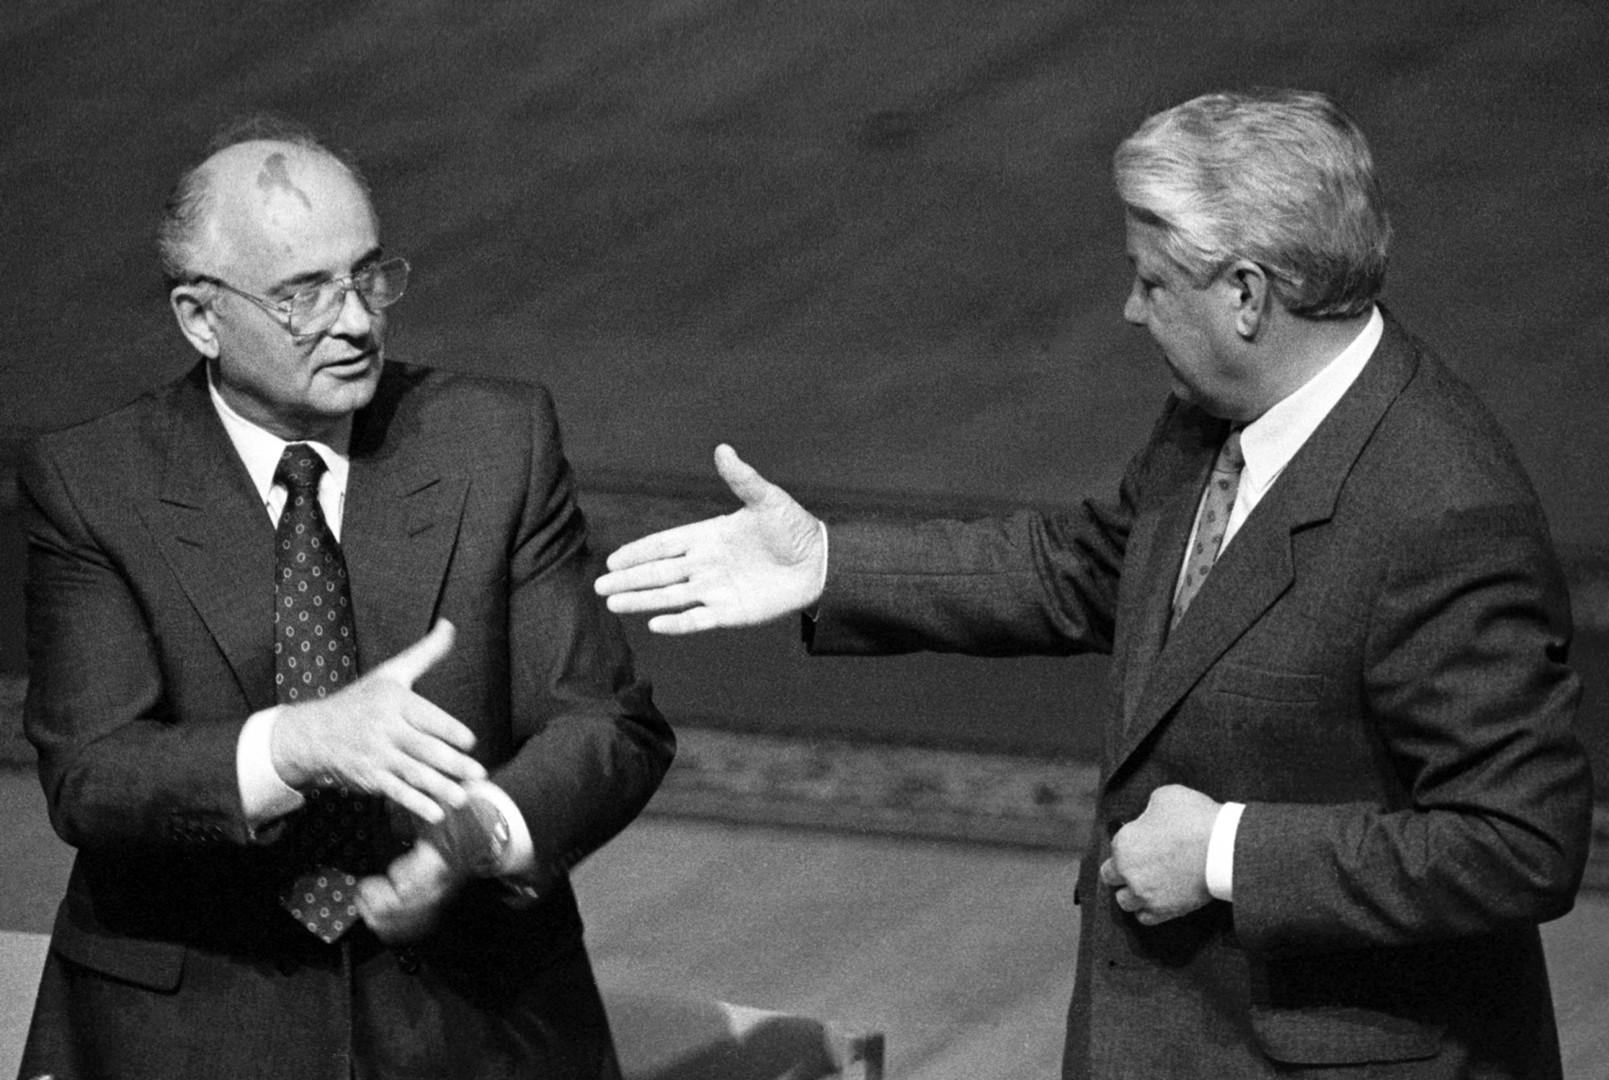 Teil 1 der RT Deutsch-Reihe: Die ehemalige UdSSR - Heute und vor 25 Jahren